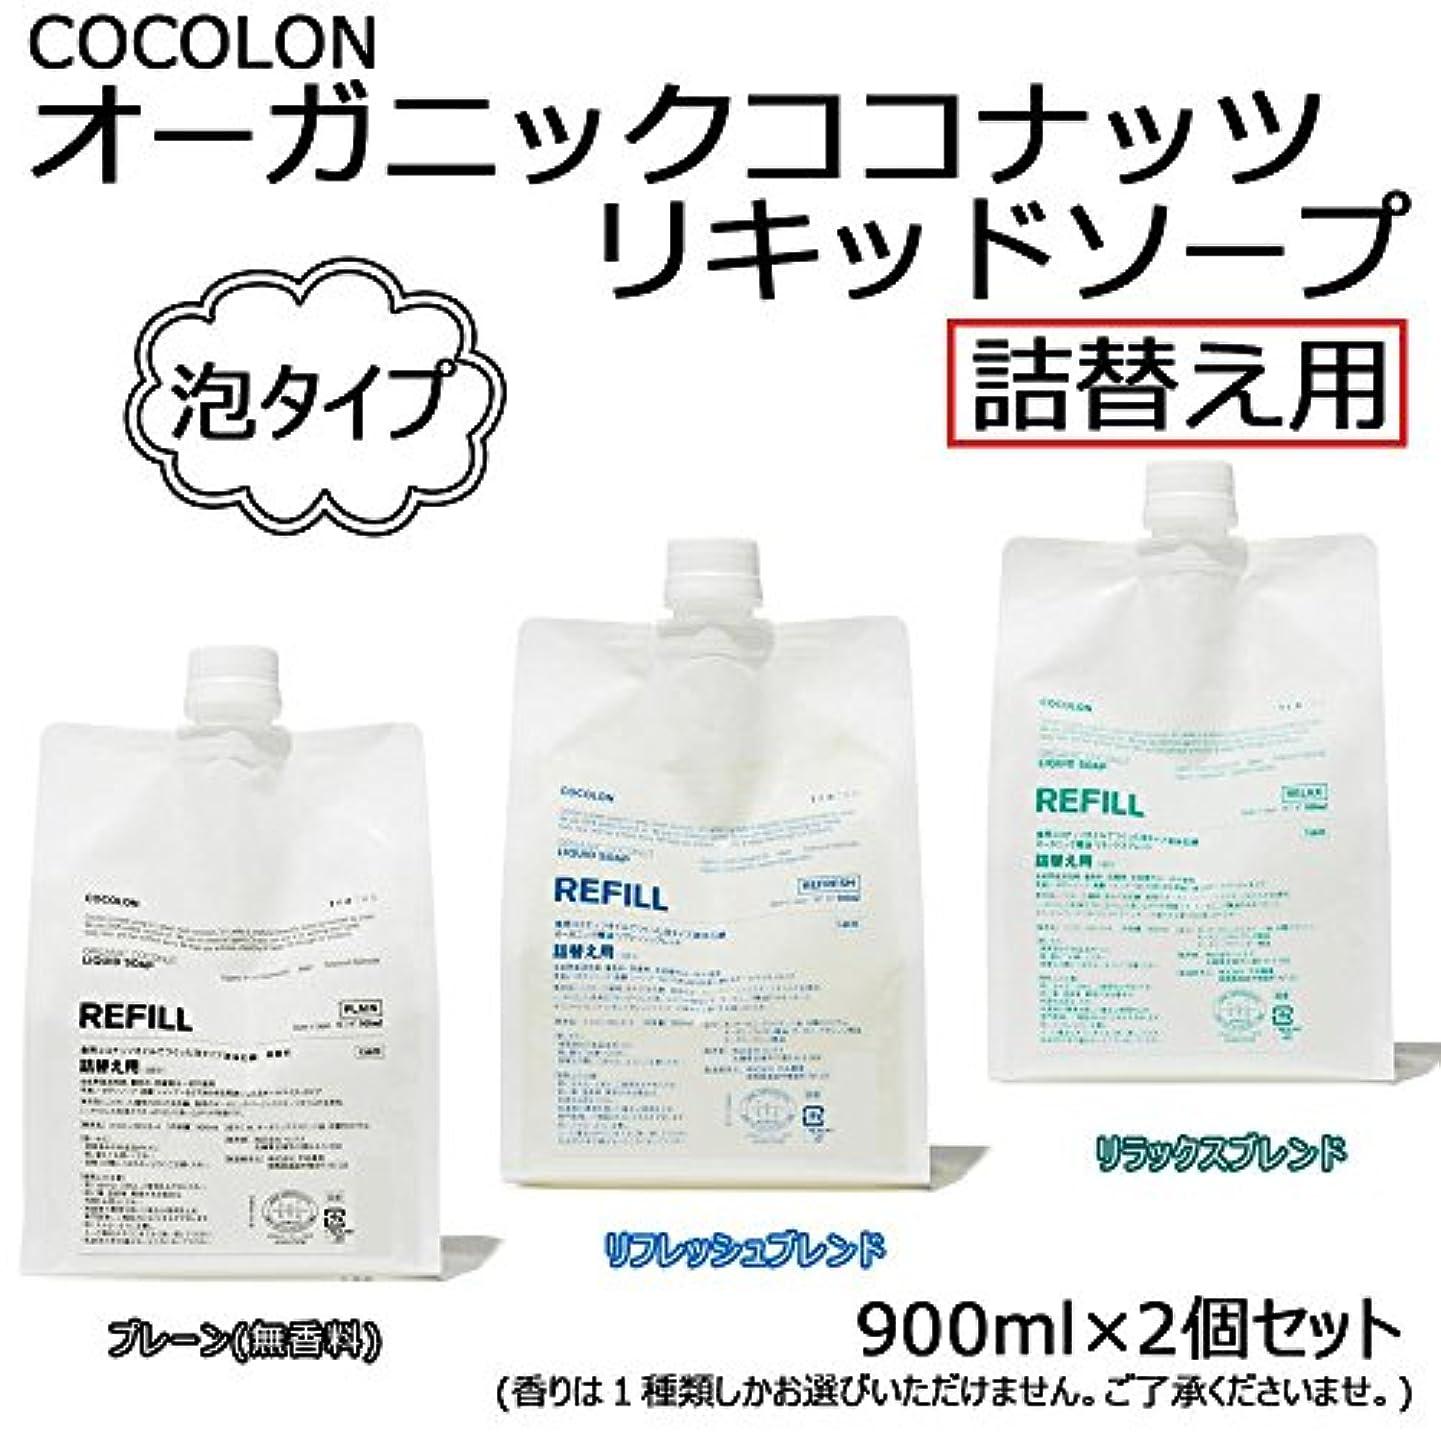 信念できれば適性COCOLON ココロン オーガニックココナッツリキッドソープ 泡タイプ 詰替え用 900ml 2個セット プレーン(無香料)